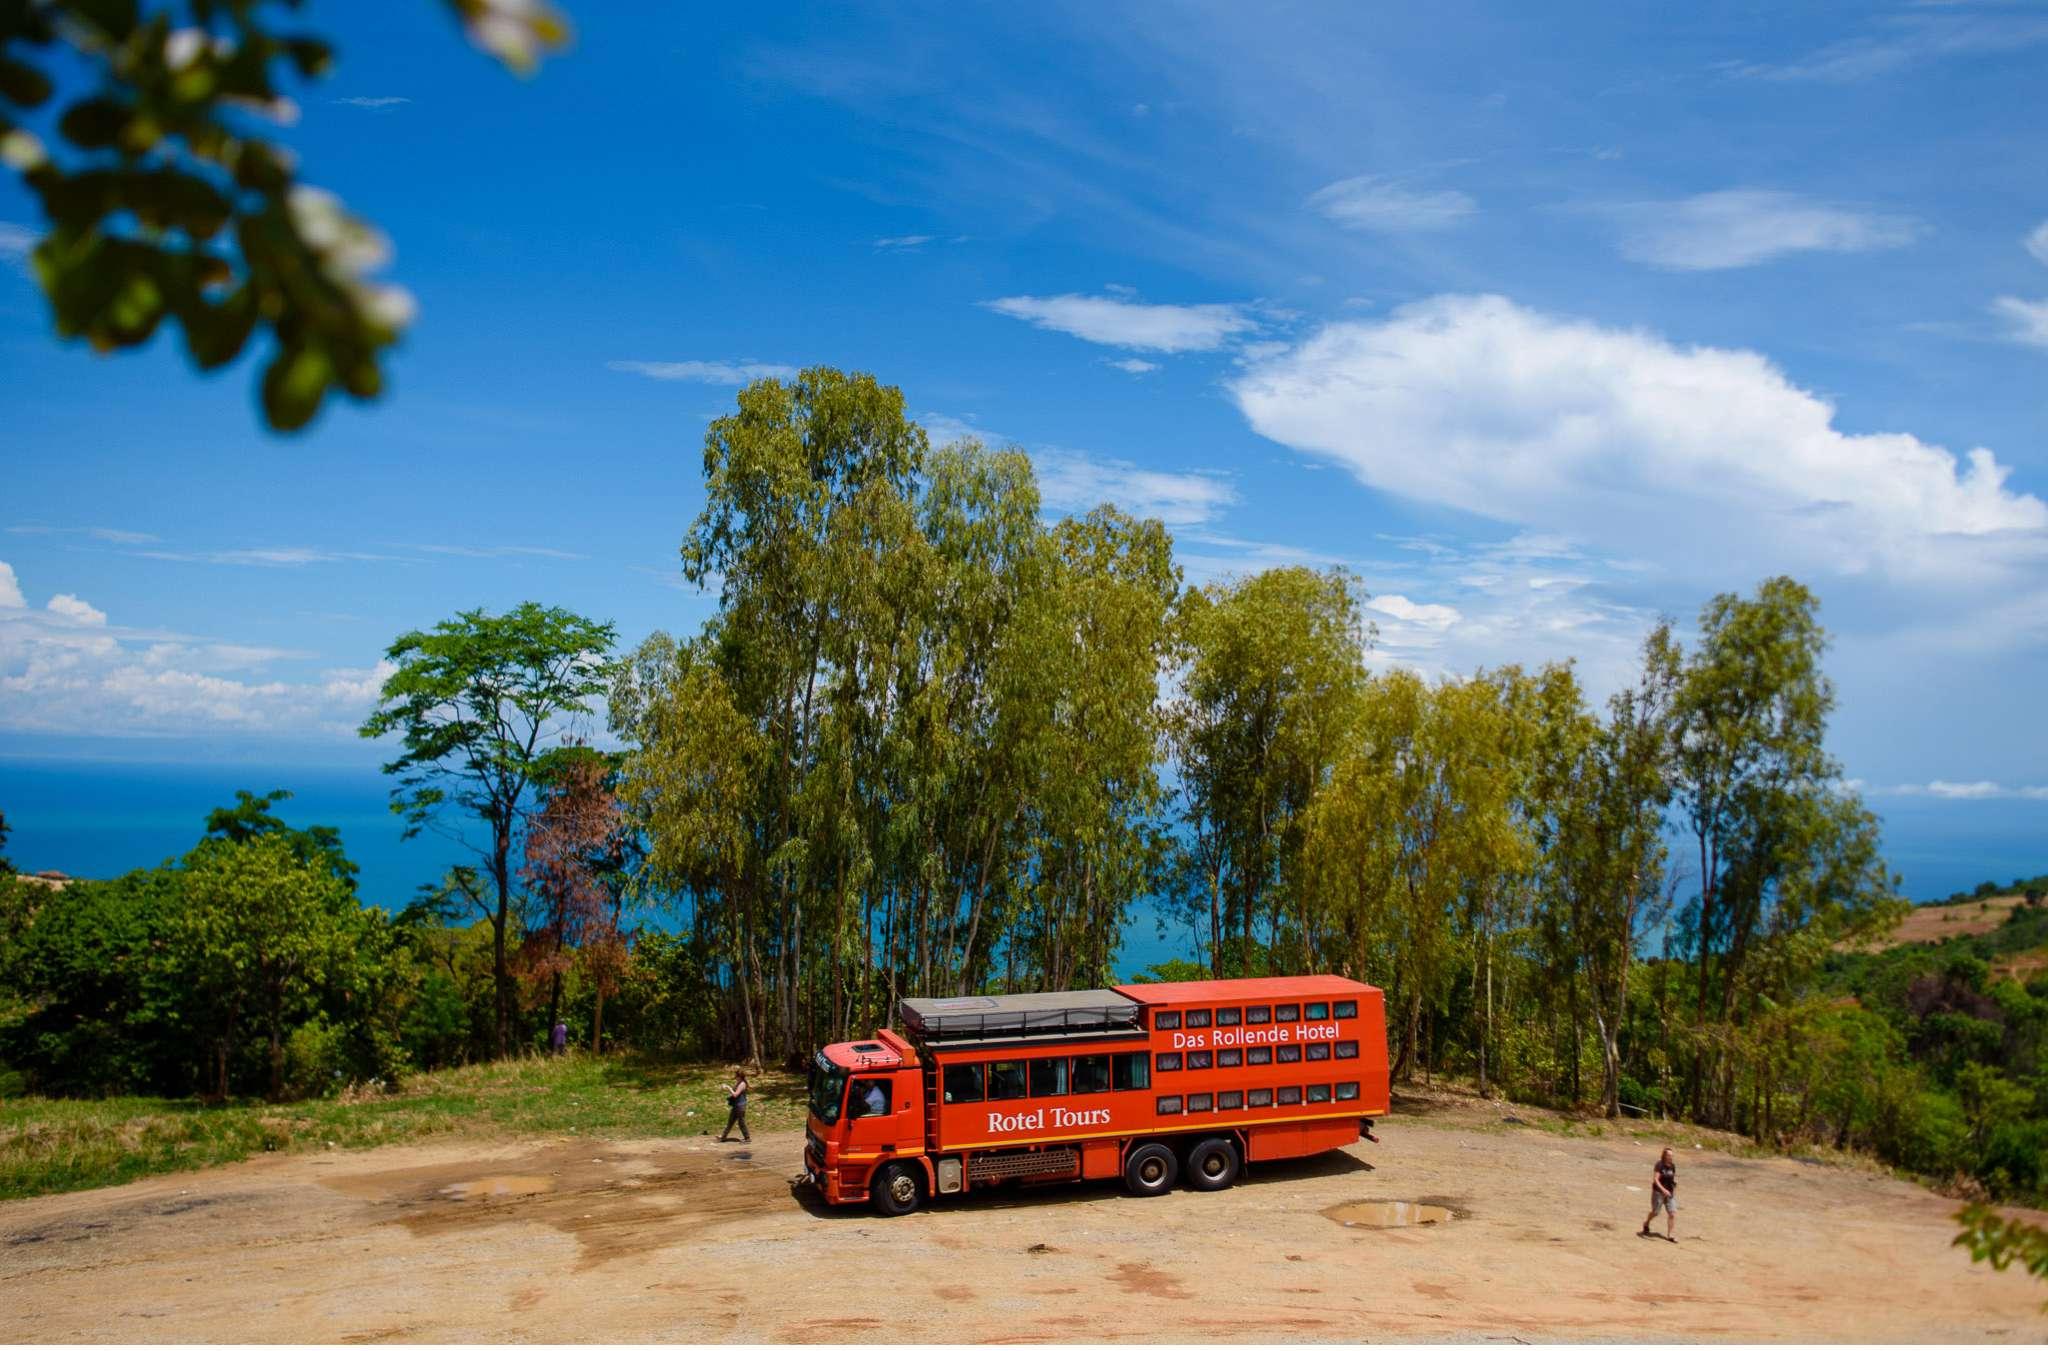 Malawi-Quer durch Afrika- Geschichten von unterwegs by Marion and Daniel-75